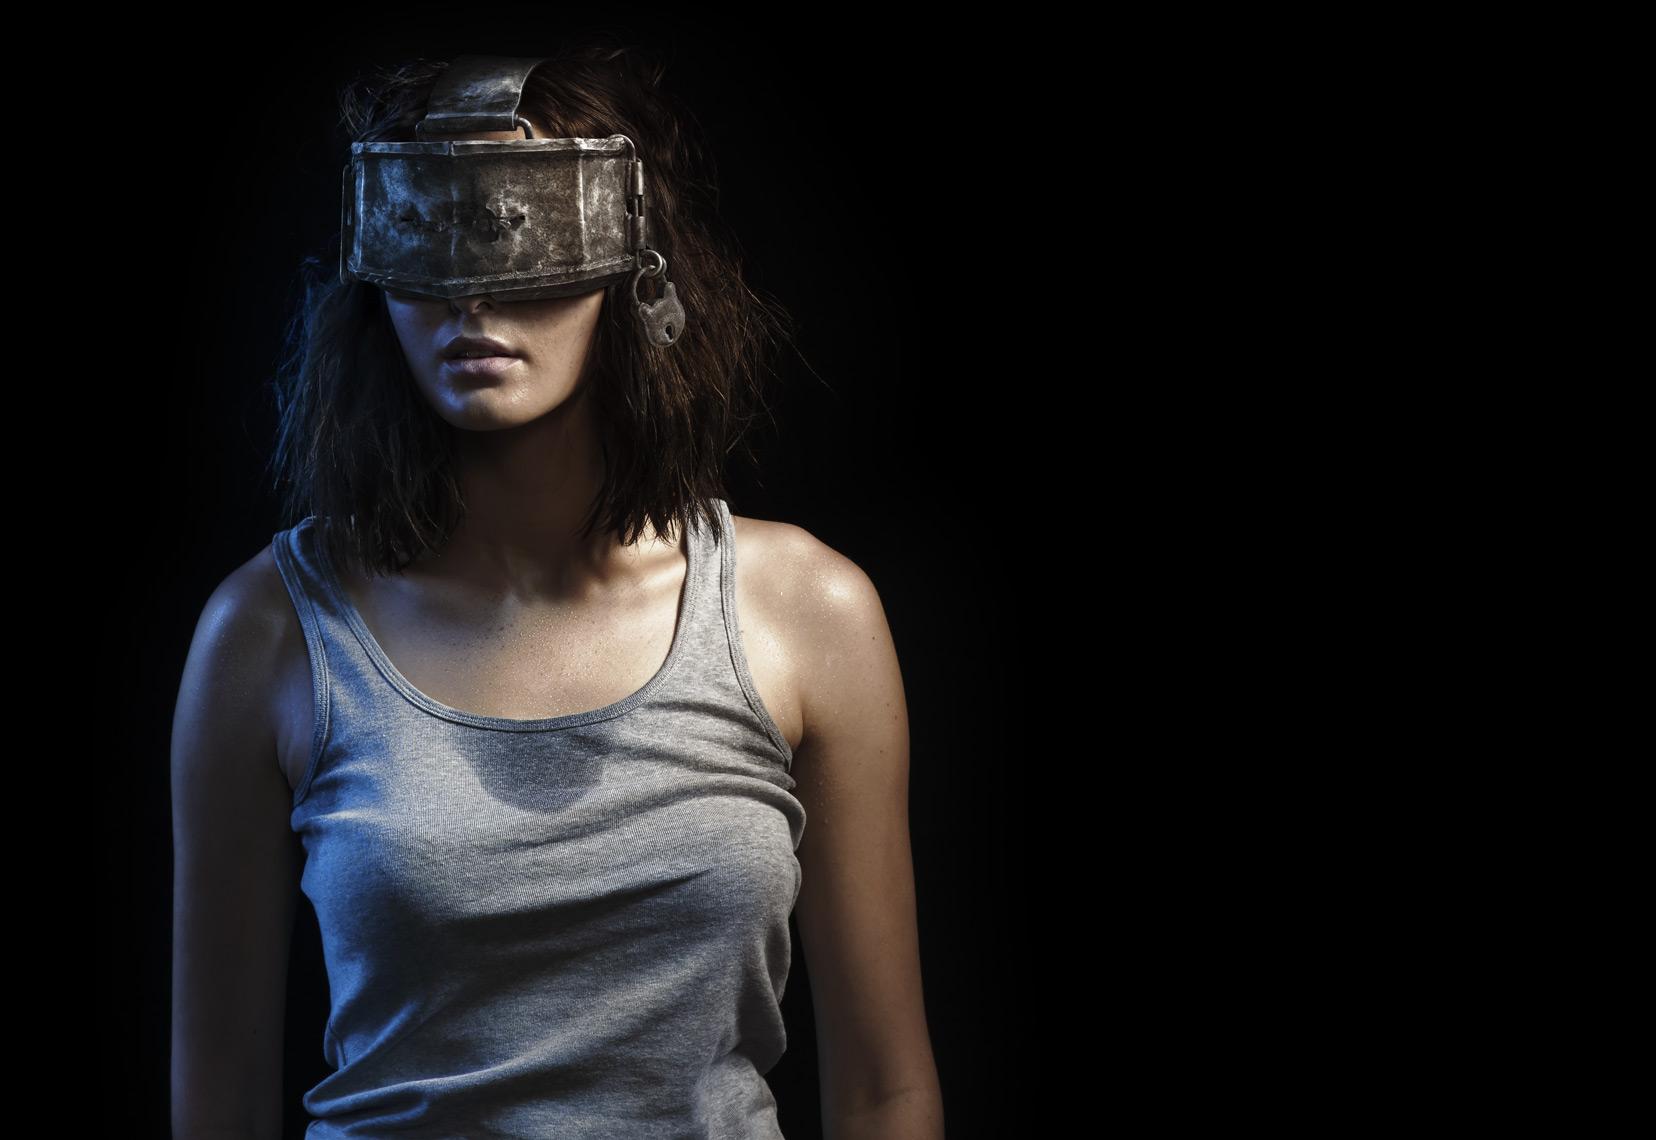 1251_Troy_Sony_PlayStation_VR_girl_Final_HR.jpg